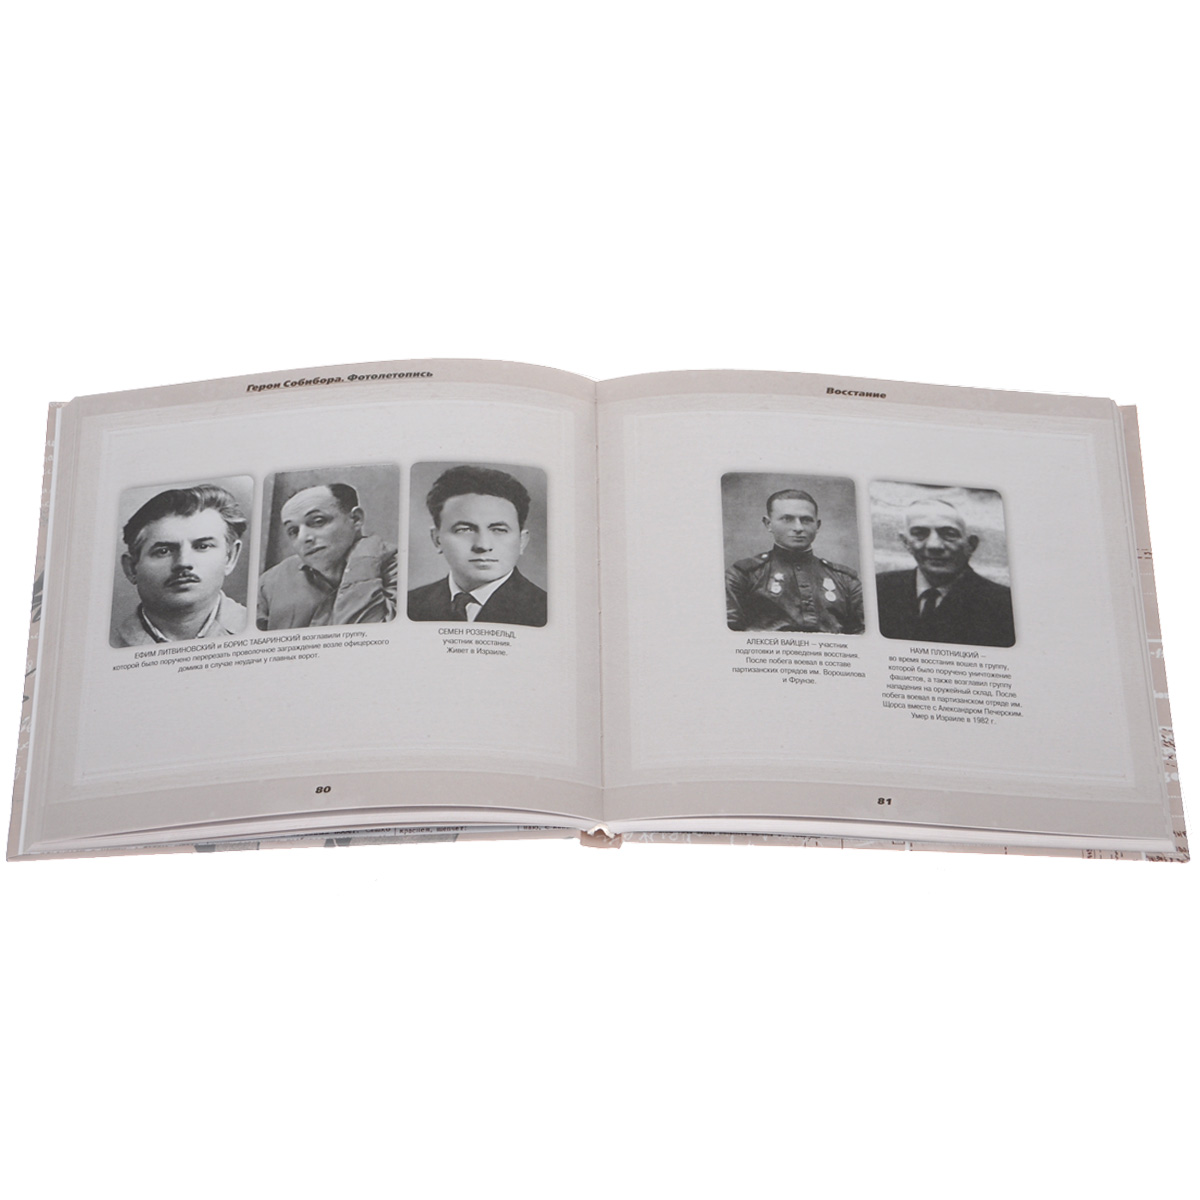 Герои Собибора. Фотолетопись, С. Богданова, Ю. Макарова